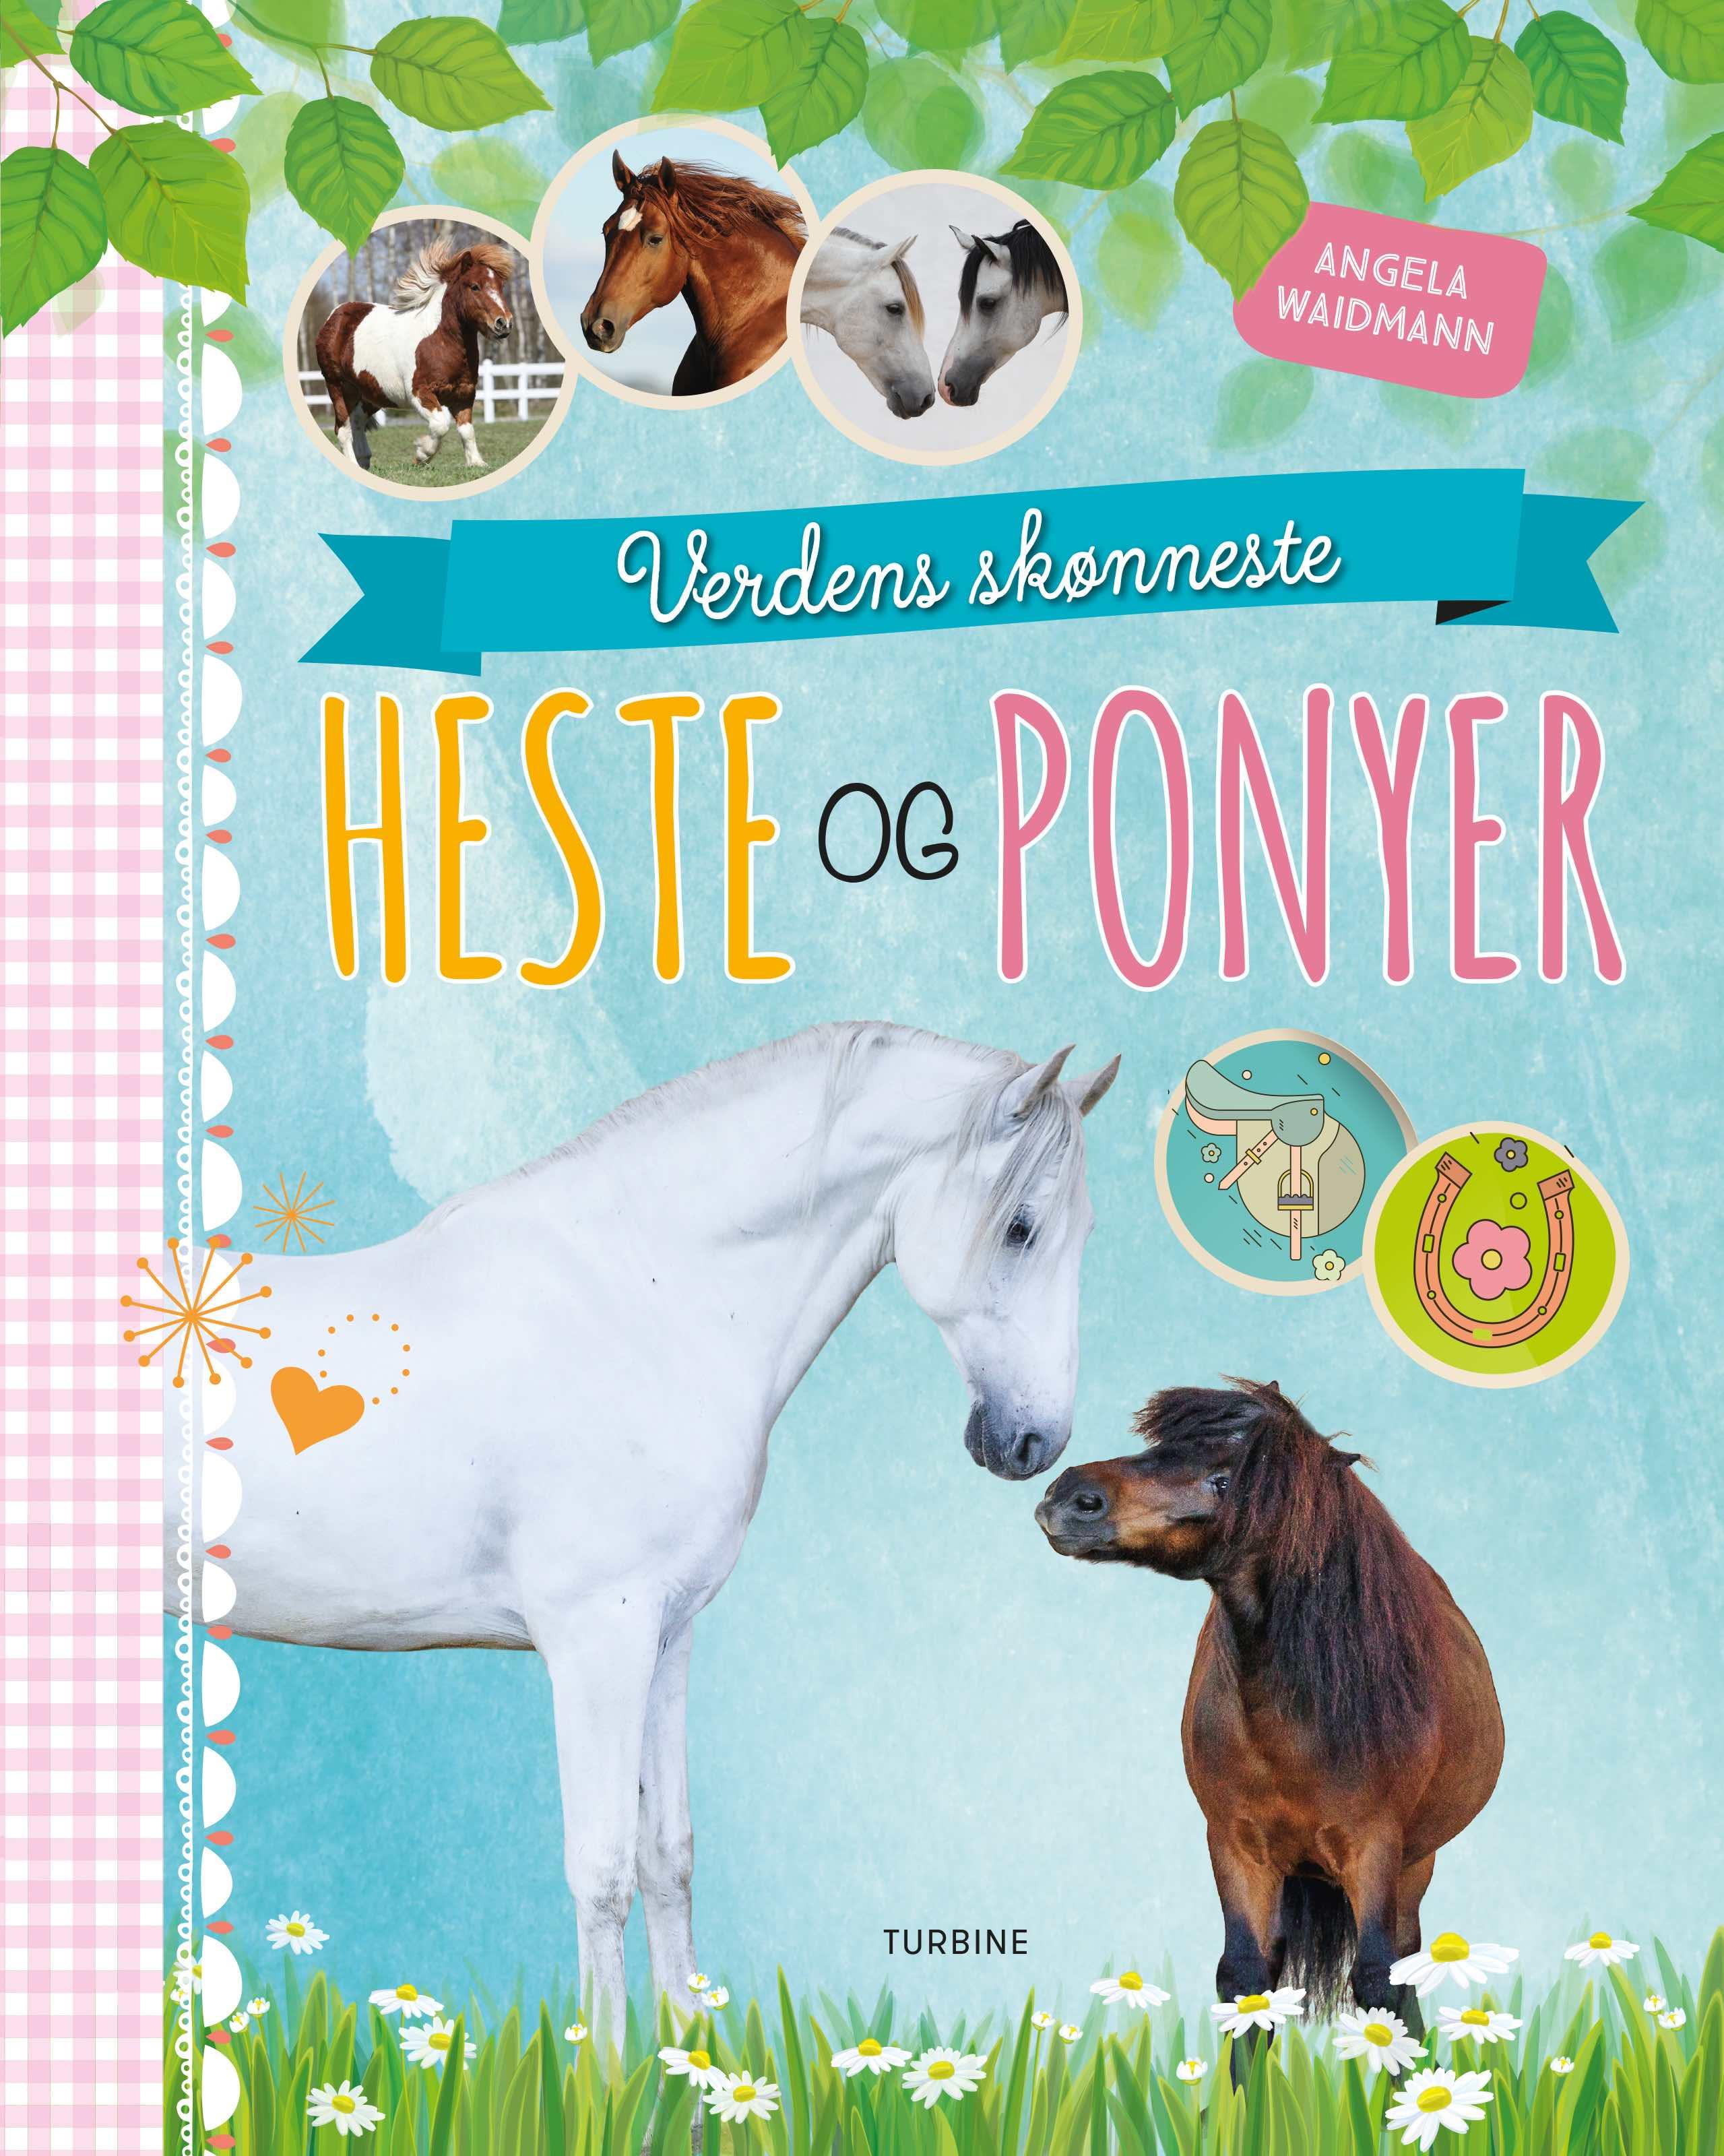 Verdens skønneste heste og ponyer